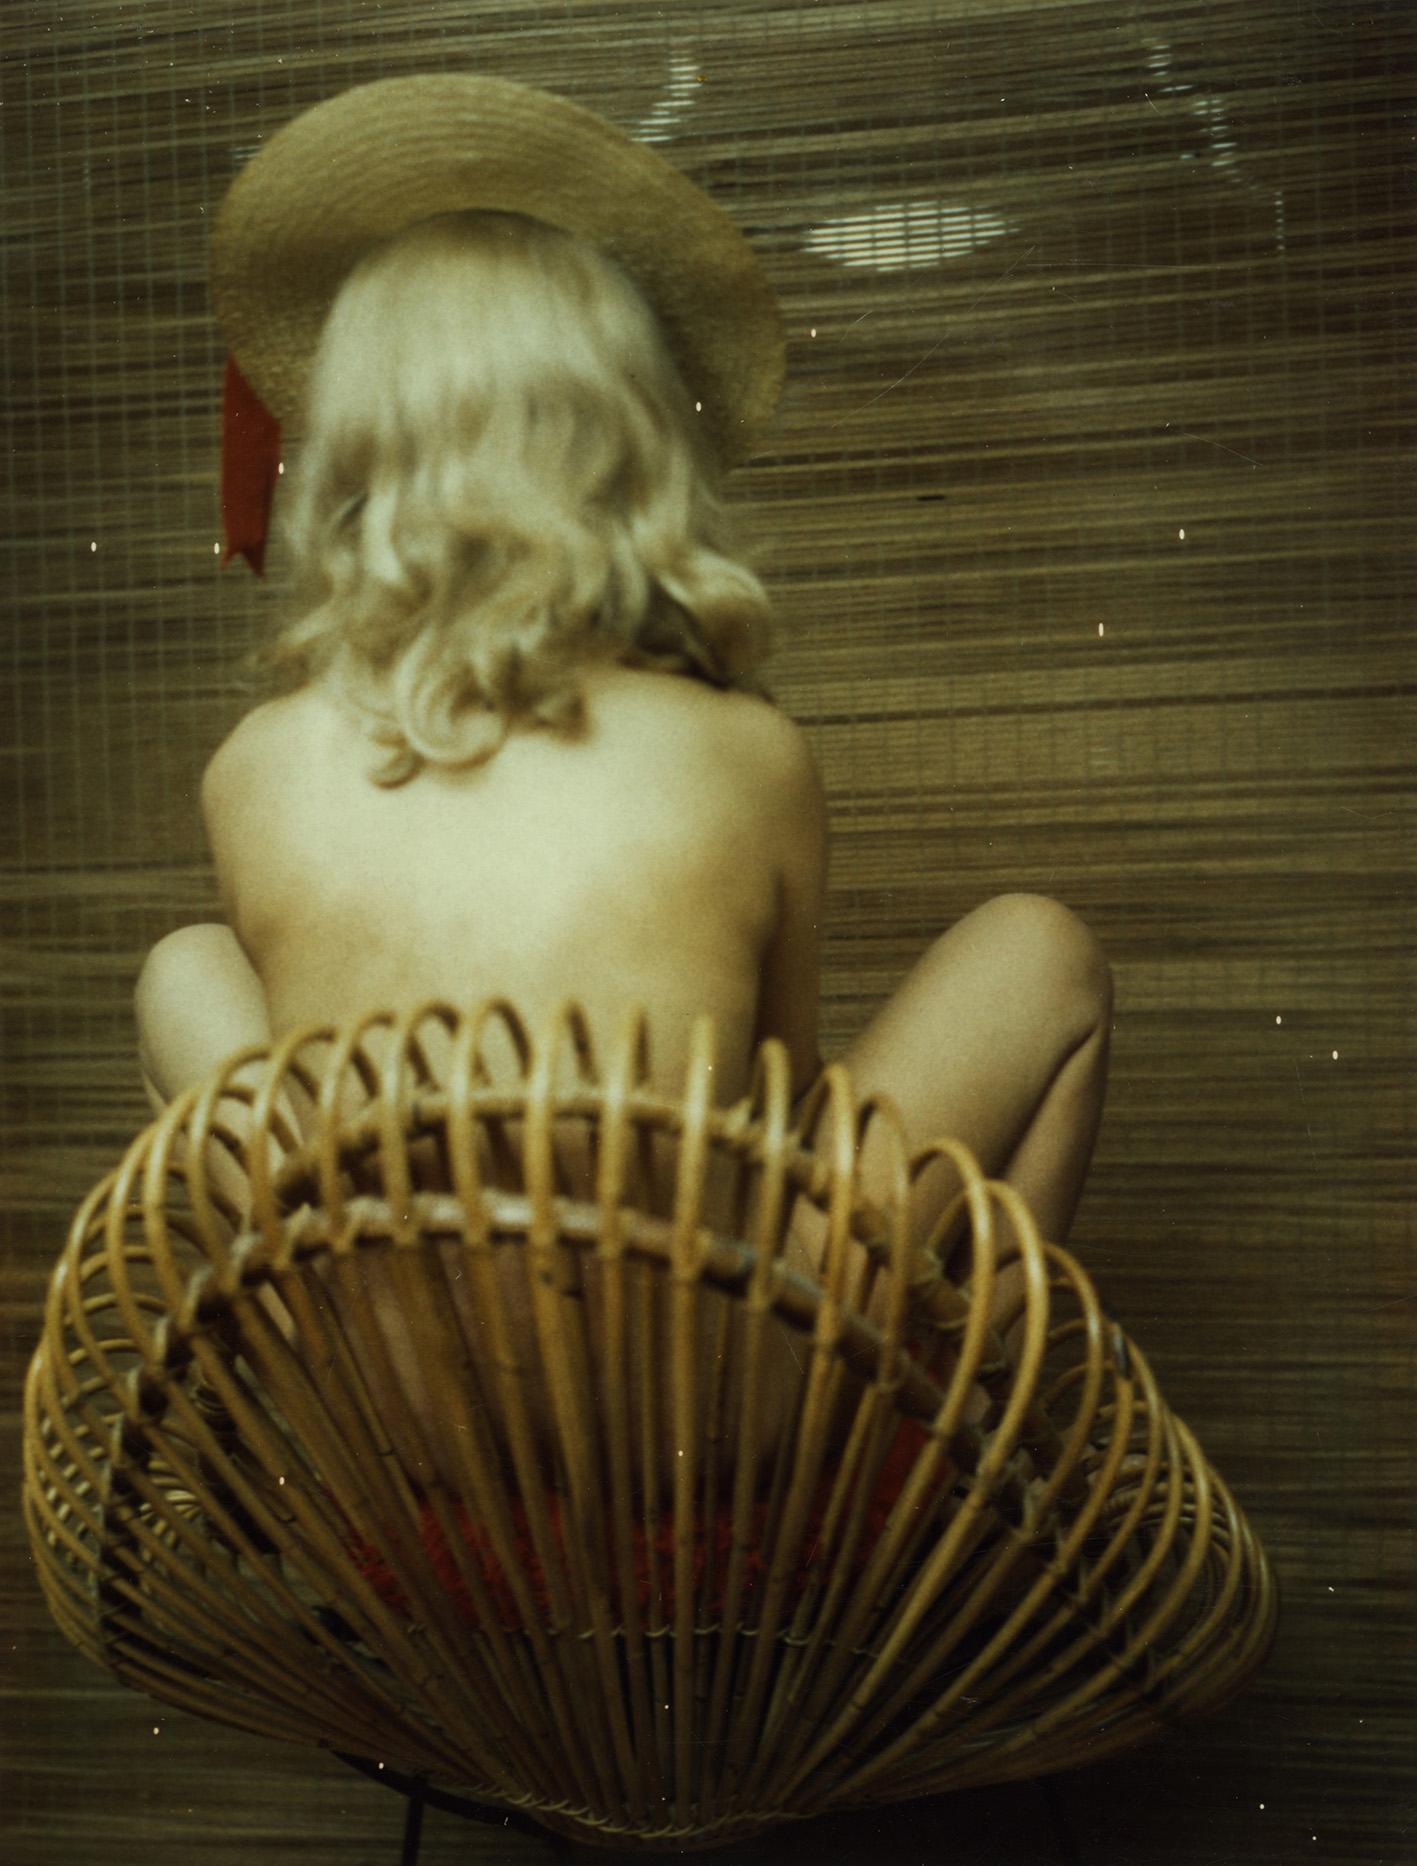 talenti_eventi_carlo_mollino_ritratto_polaroid_1962_camera_occhio_magico_torino